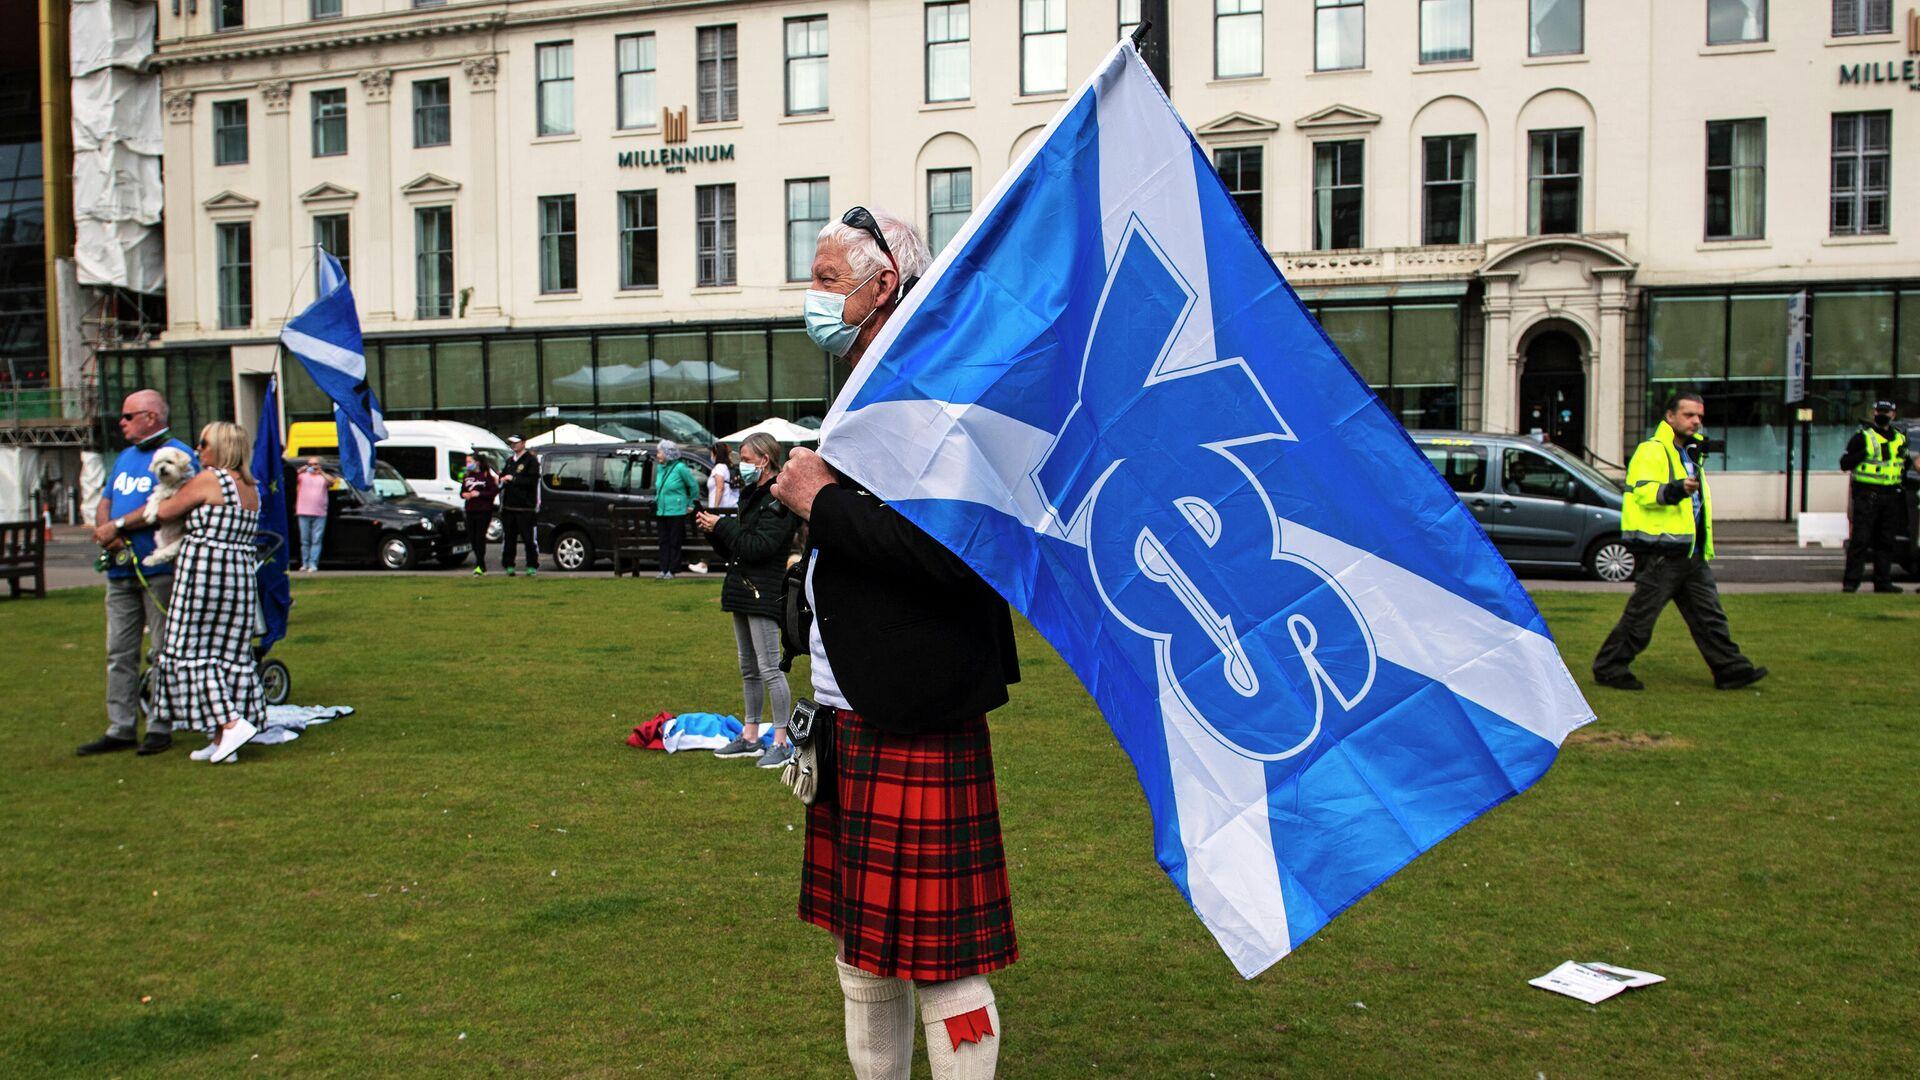 Акция за независимость Шотландии в Глазго  - РИА Новости, 1920, 08.10.2021